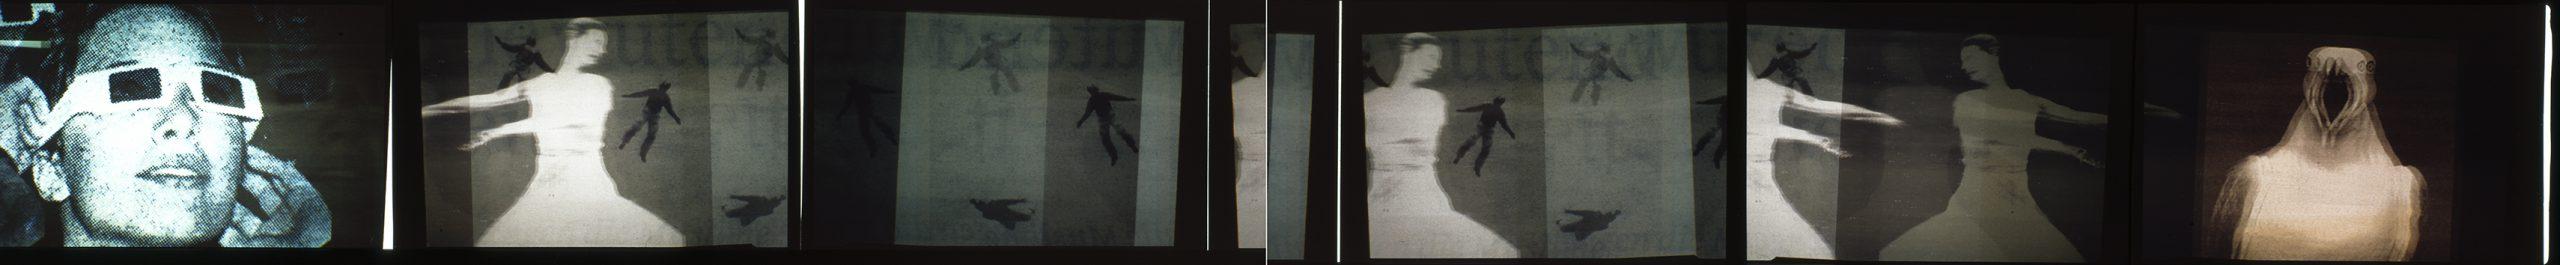 Fotografische Bildsequenz sechsteilig